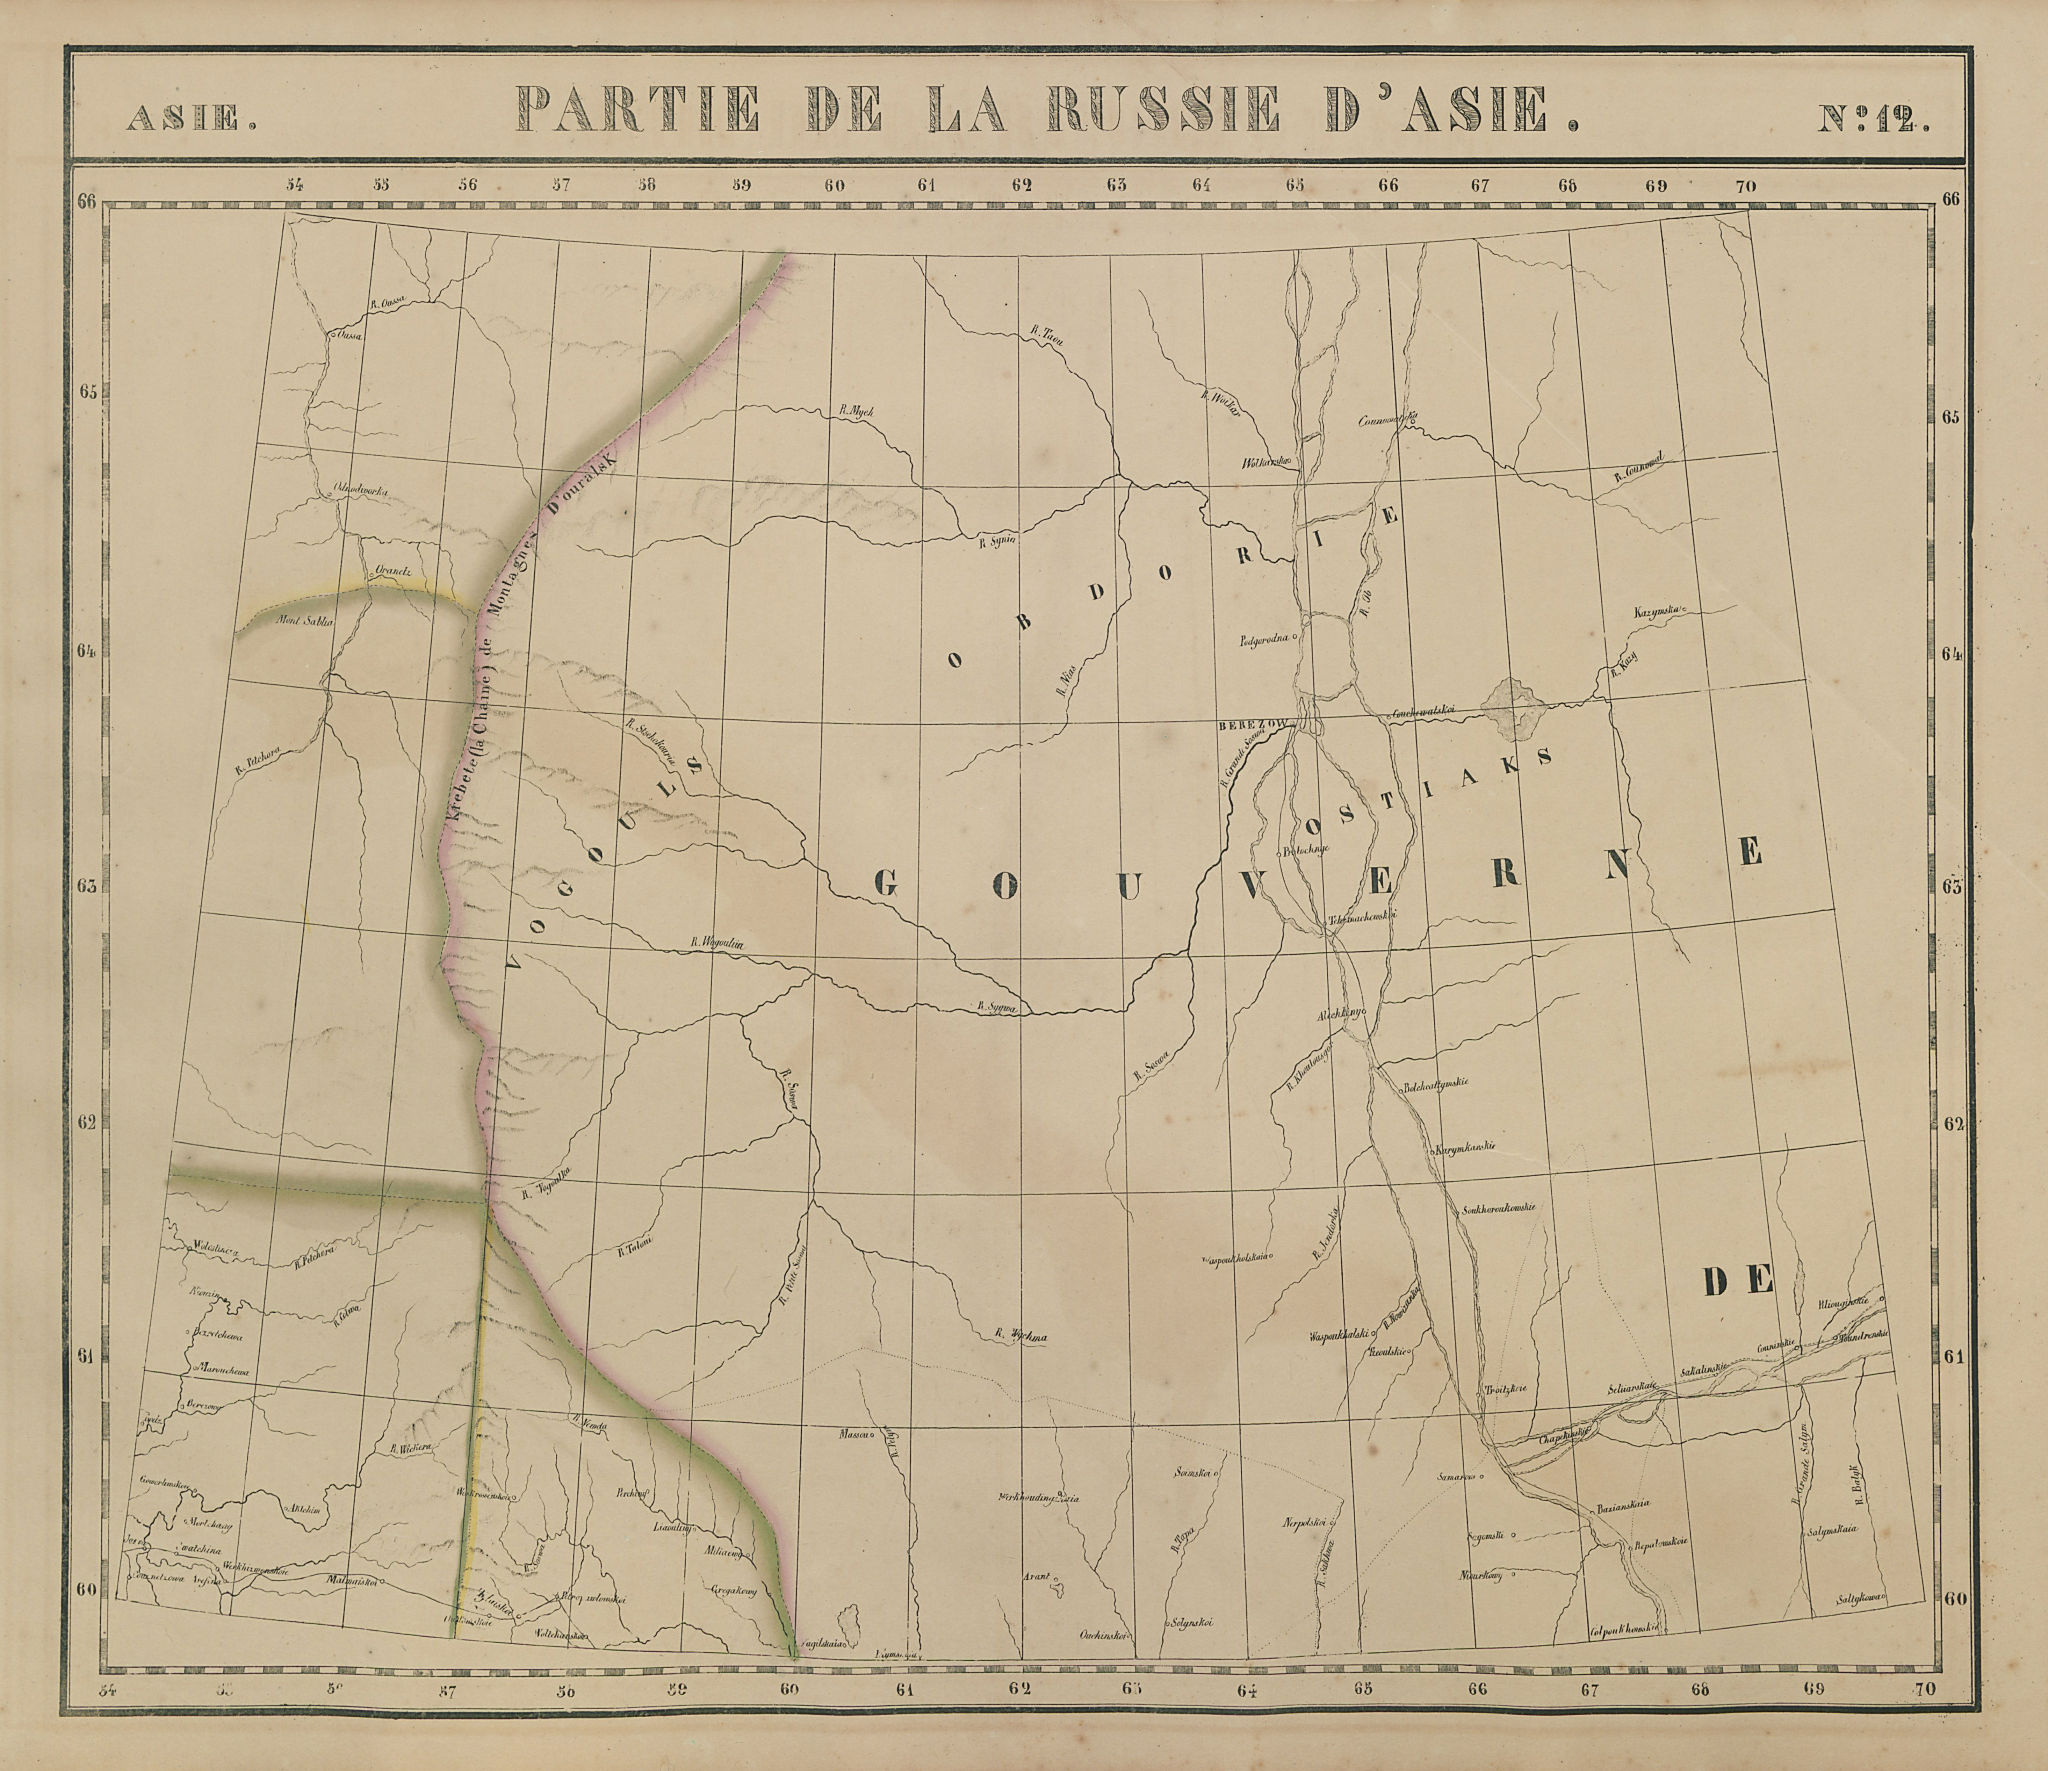 Russie d'Asie #12 West Siberia. Russia. Khanty-Mansi Komi. VANDERMAELEN 1827 map